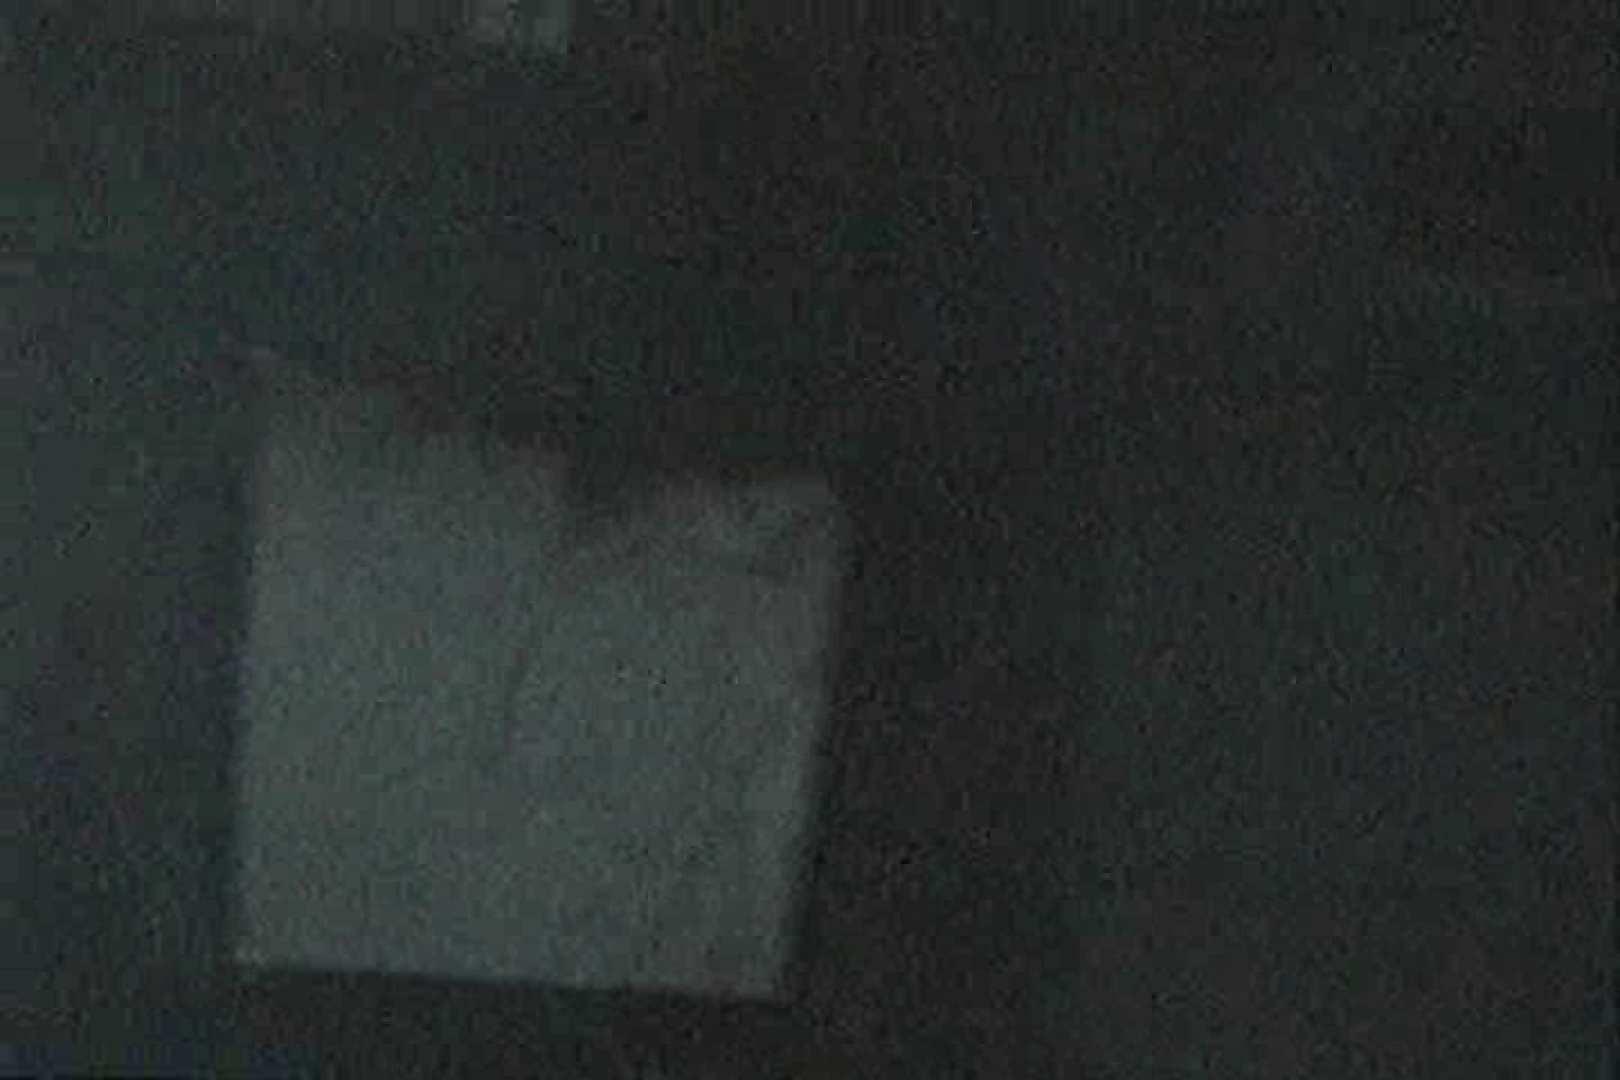 「充血監督」さんの深夜の運動会!! vol.123 OL | カップルのセックス  45連発 23